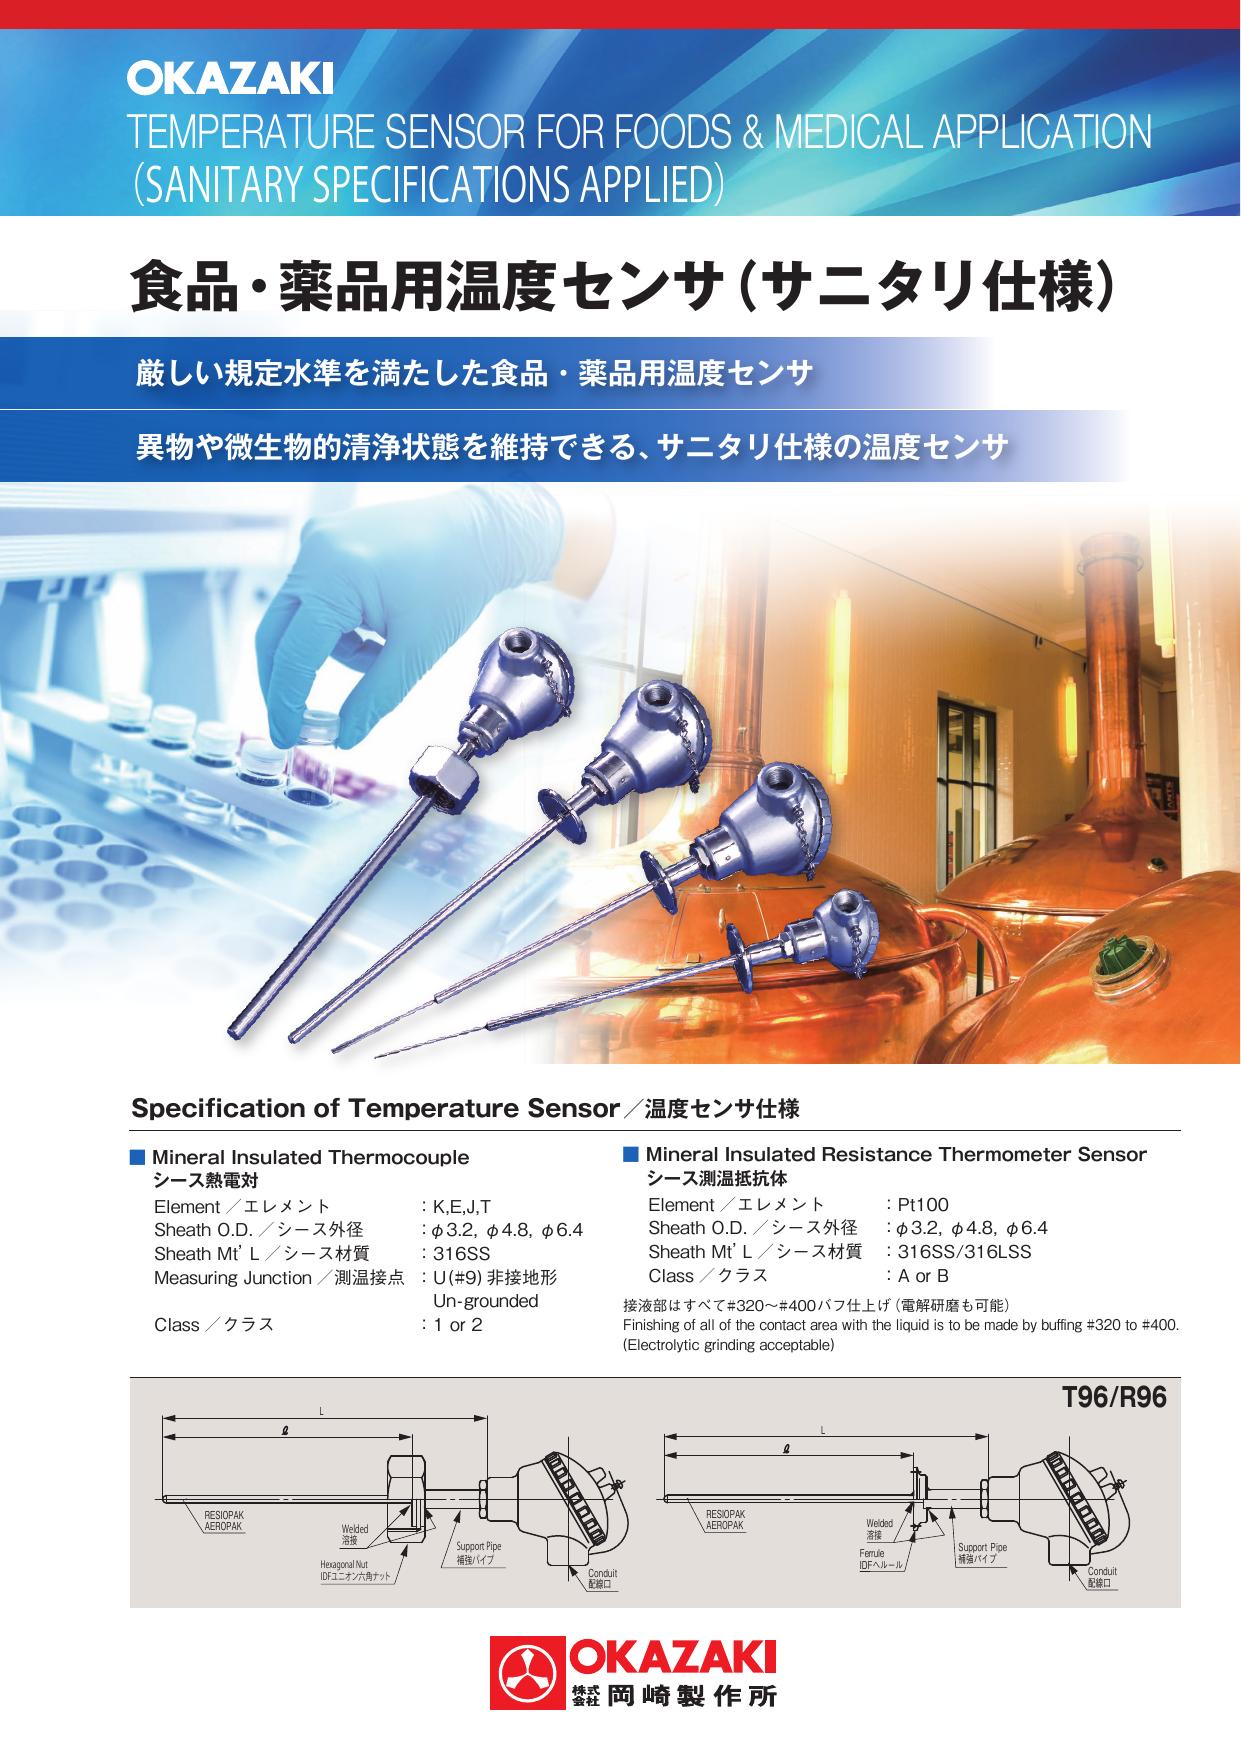 食品・薬品用温度センサ(サニタリ仕様)